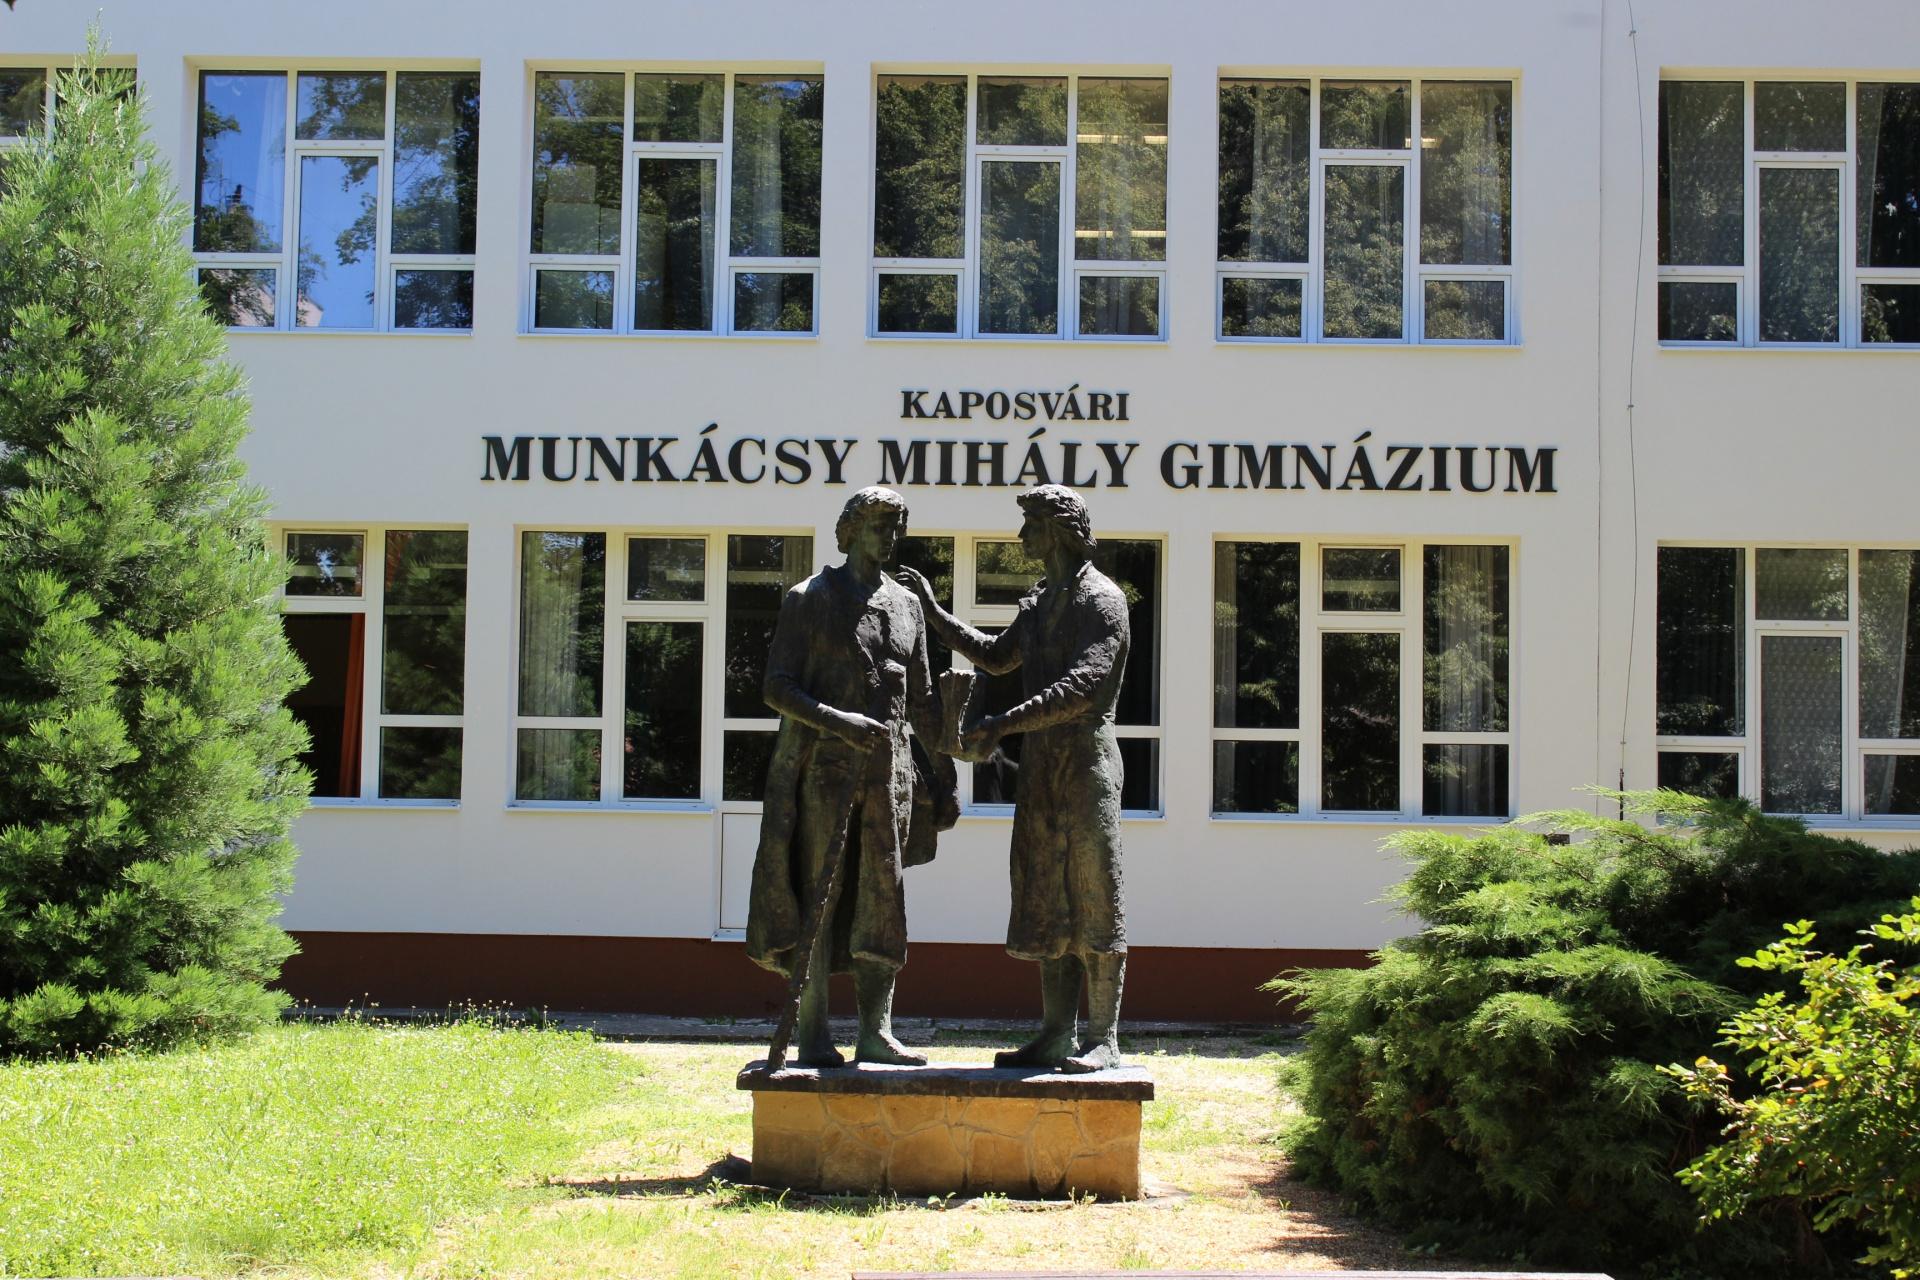 Kaposvári Munkácsy Mihály Gimnázium